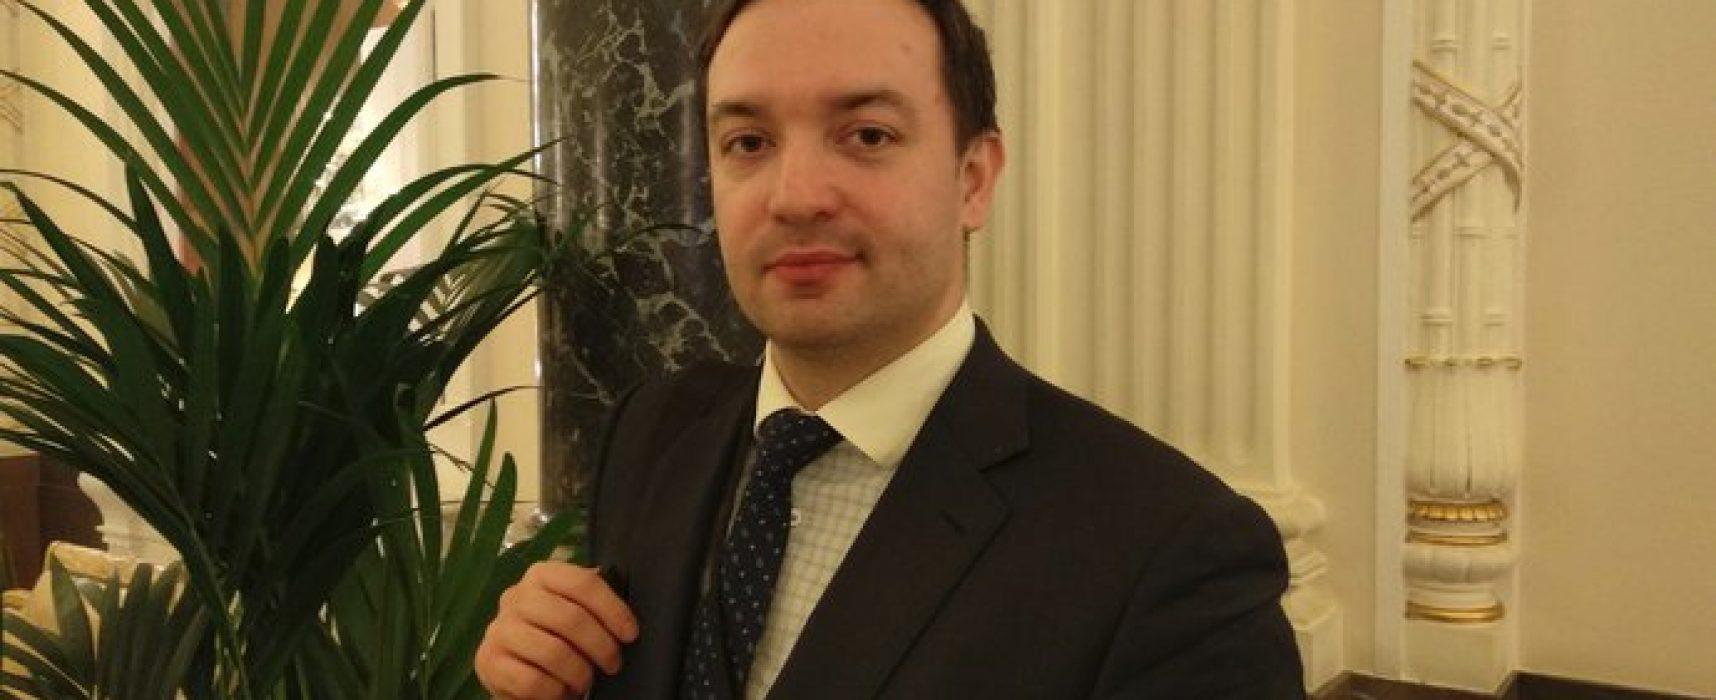 Nemá cenu vyvracet každou jednotlivou dezinformaci, tvrdí ukrajinský expert na falešné zprávy